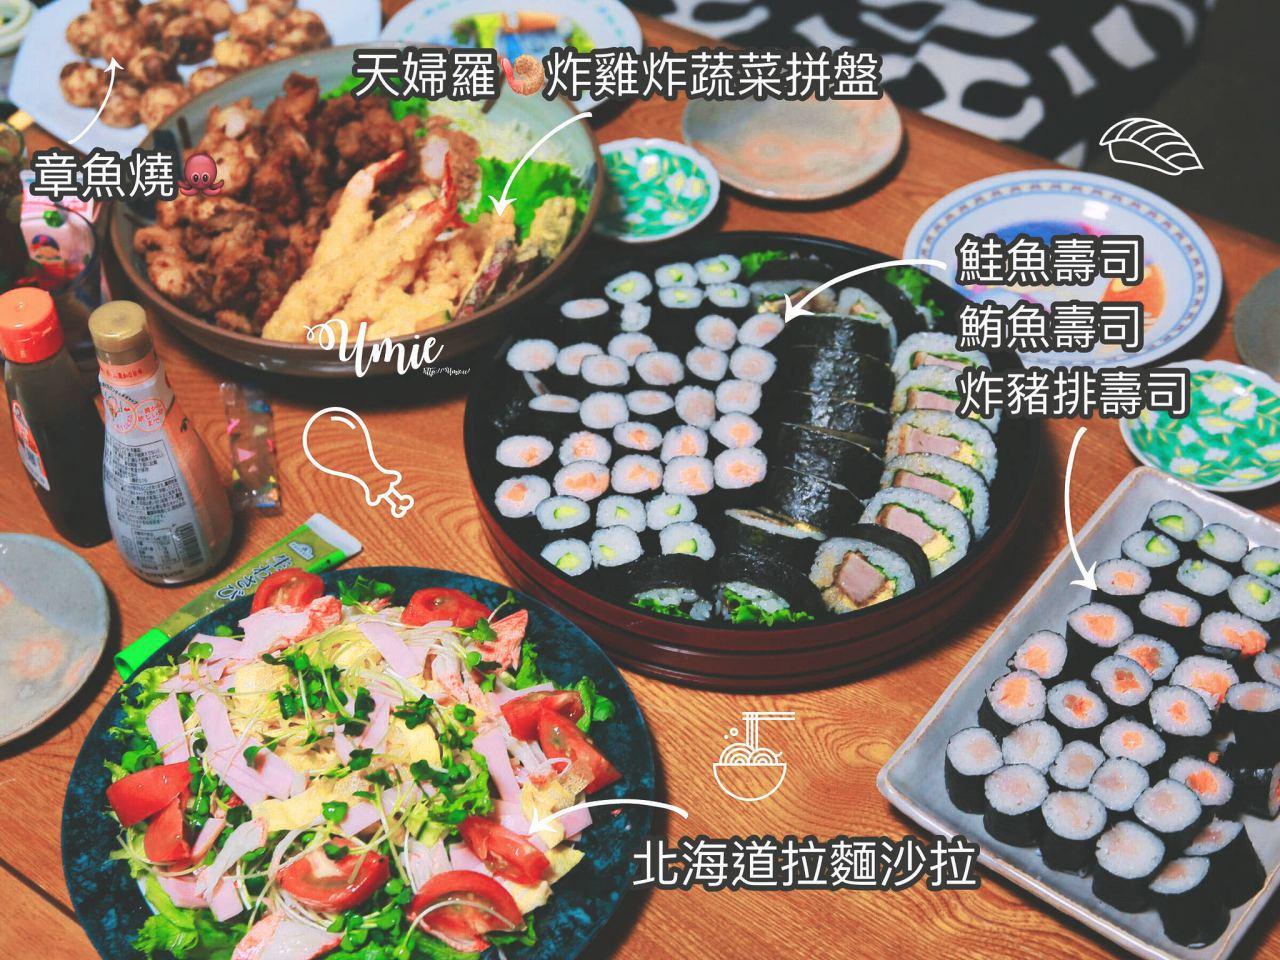 日本熱賣必買| 563美體生酵素よくばりキレイの 生酵素,讓身體補充活的酵素!